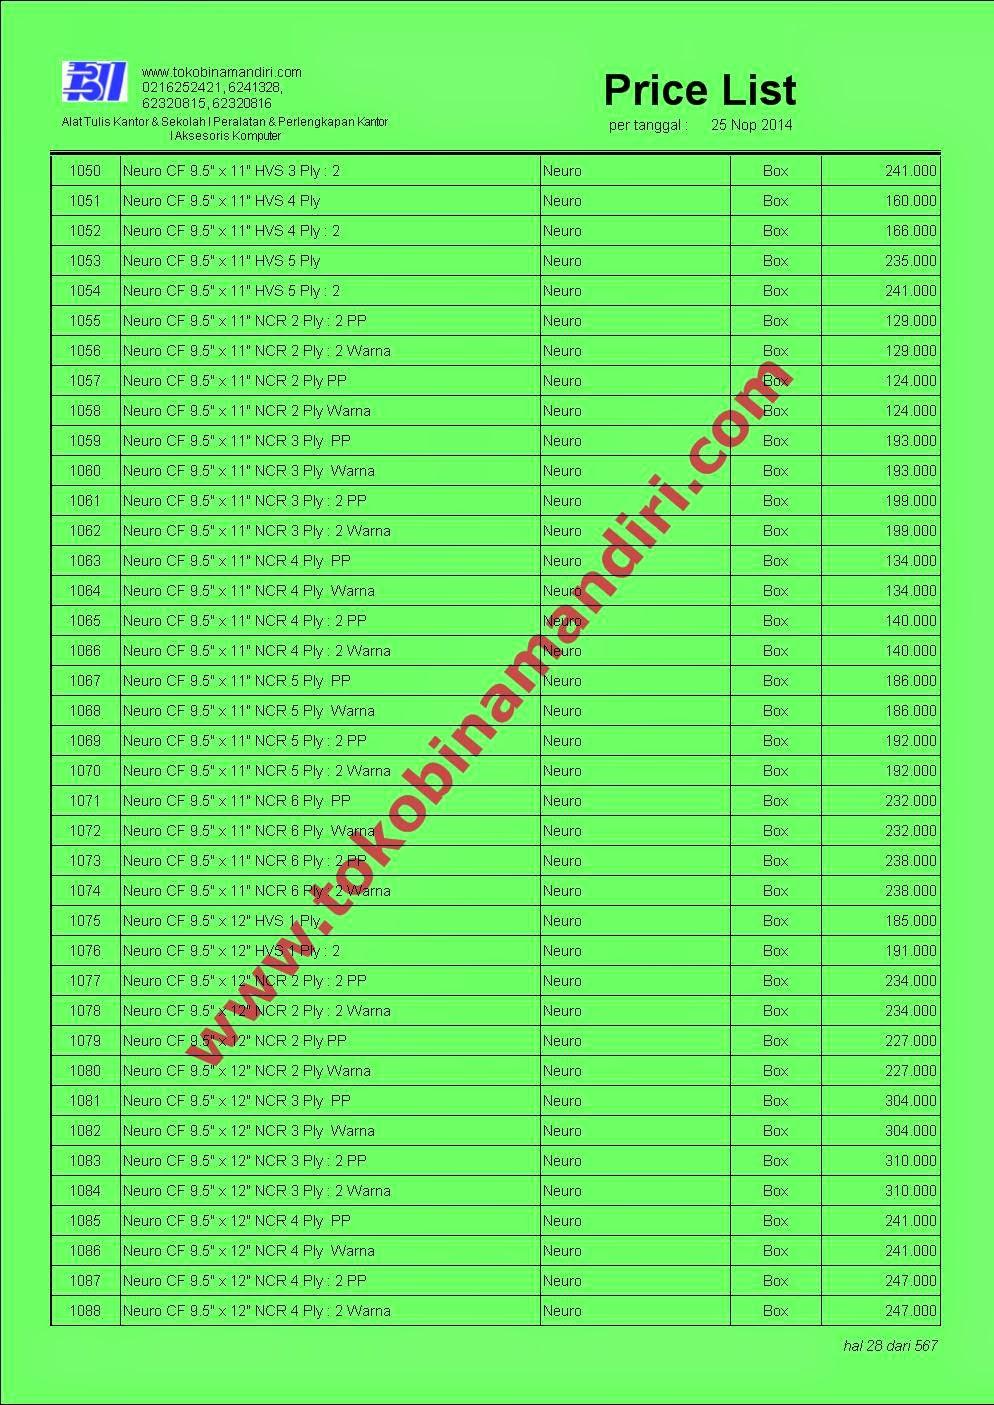 daftar harga stationery sekolah | CV. Bina Mandiri - toko alat tulis kantor agen perlengkapan sekolah